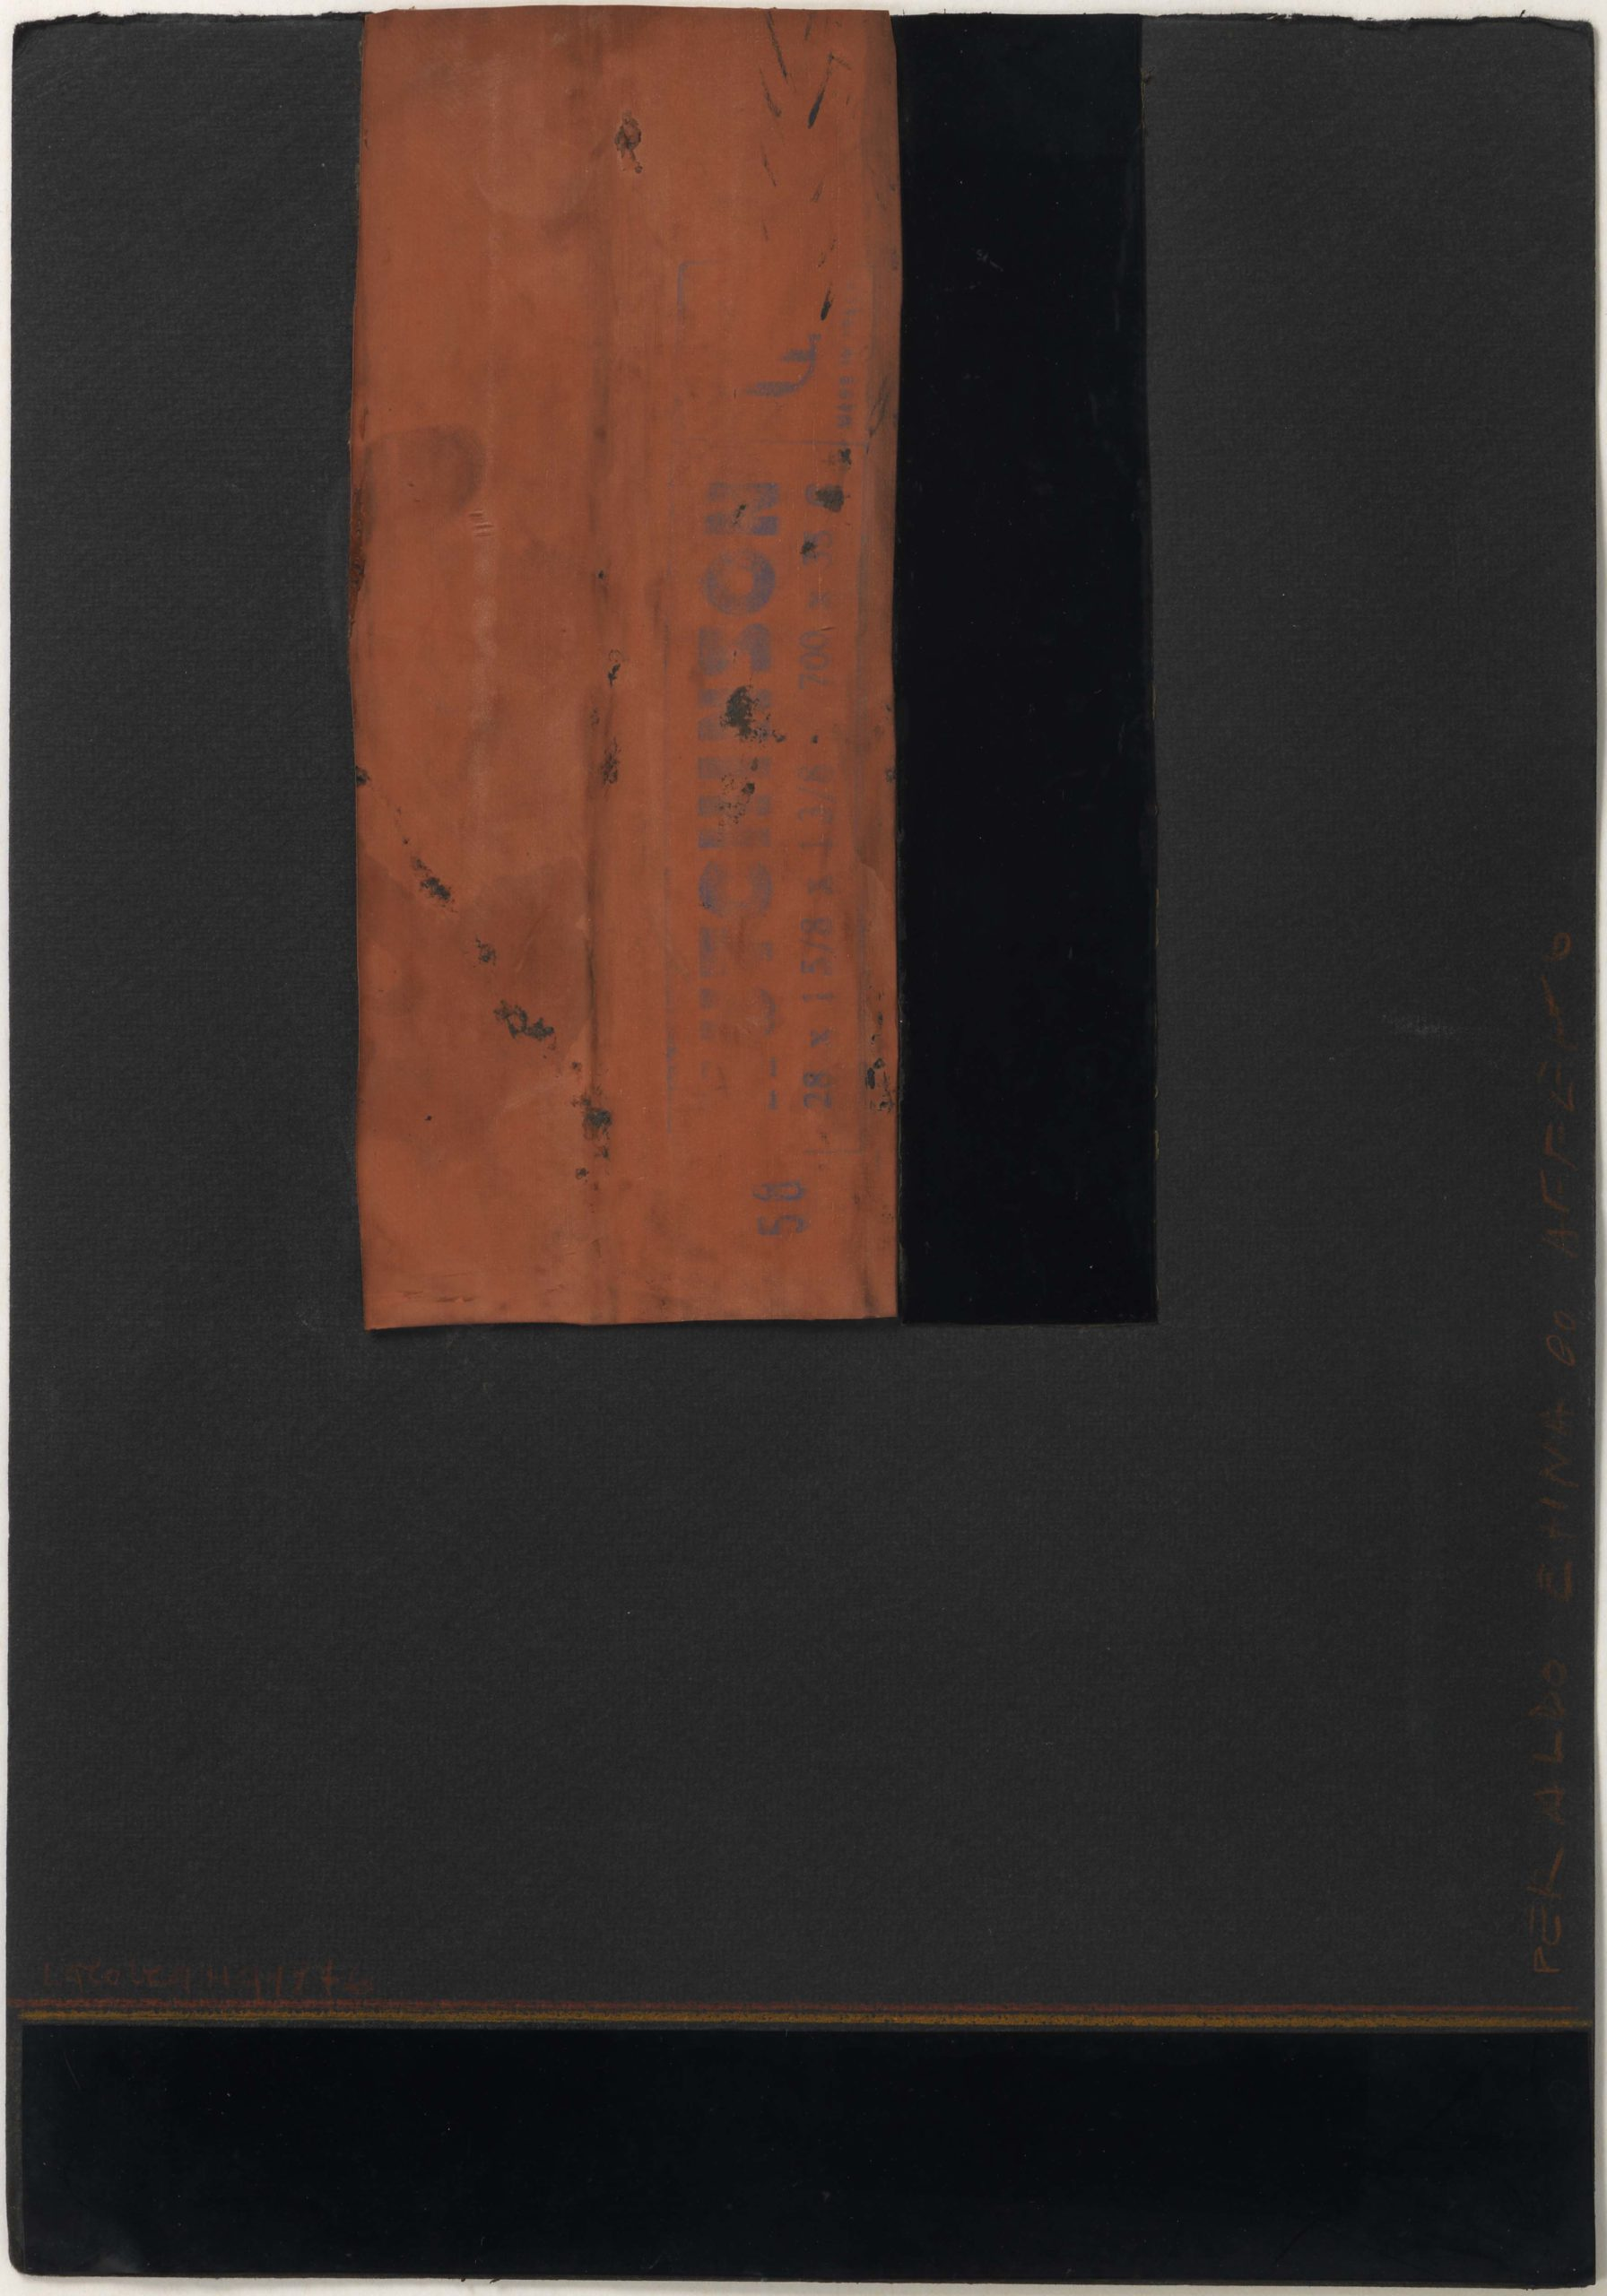 Carol Rama, Senza titolo, 1976, Collage aus verschiedenen Materialien auf Karton, 35 x 24,5 cm